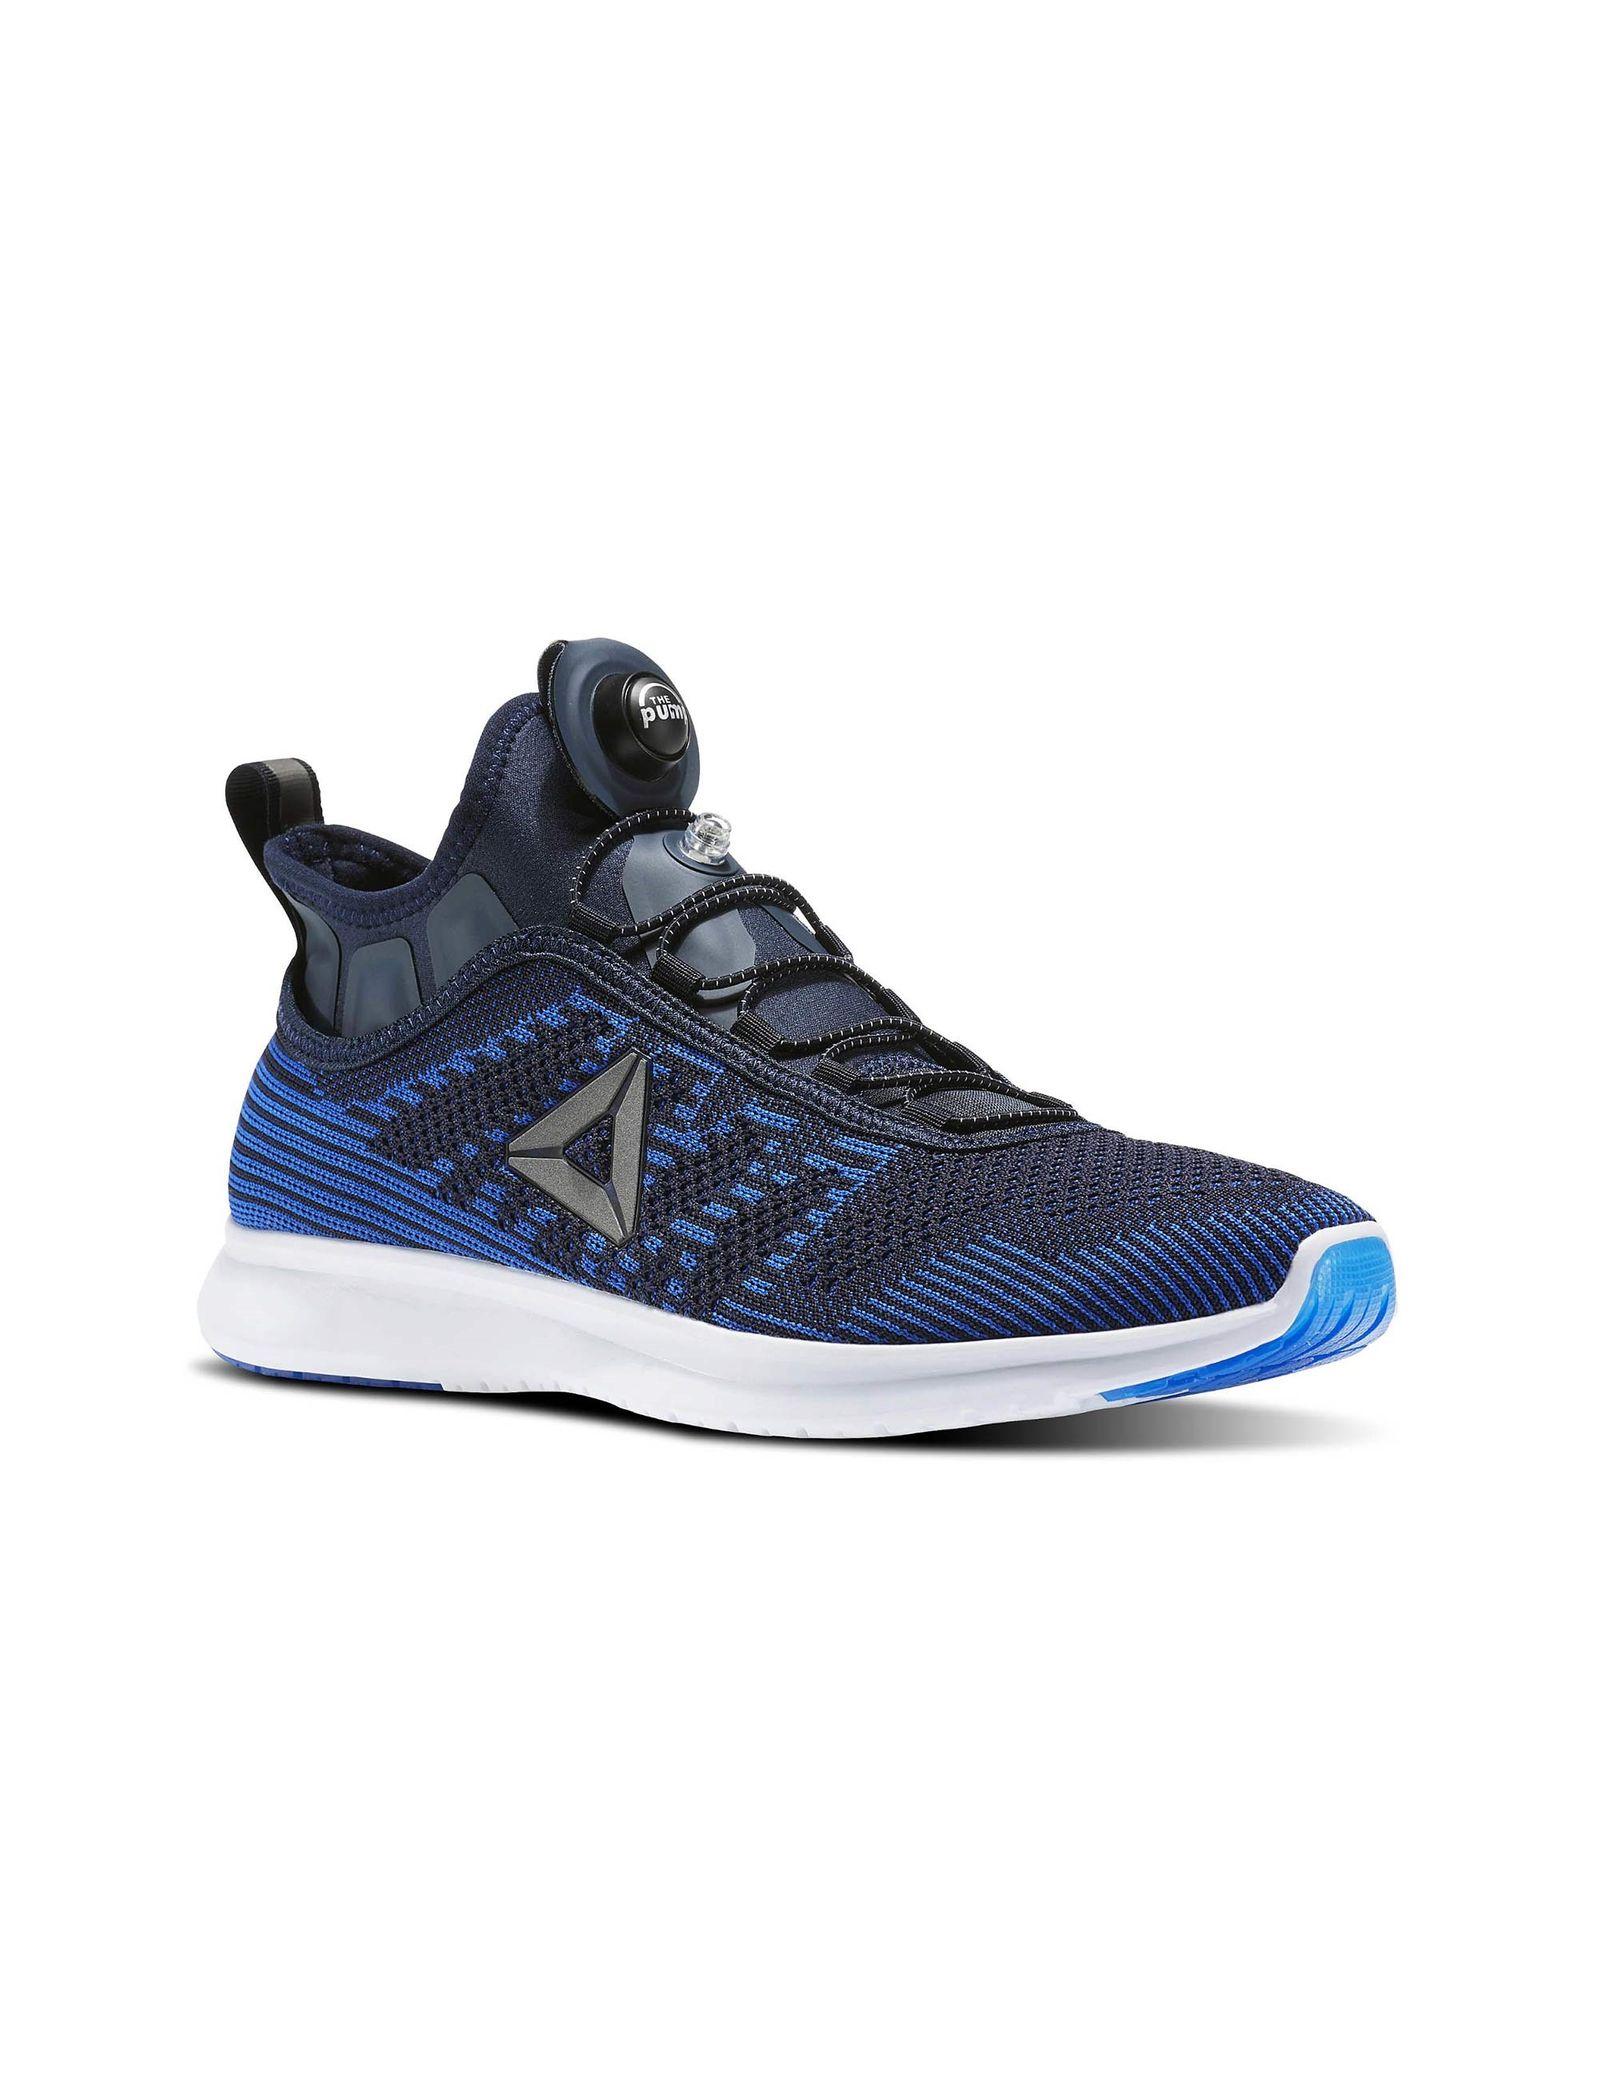 کفش دویدن بندی مردانه Pump Plus Ultraknit - ریباک - آبي سرمه اي - 4